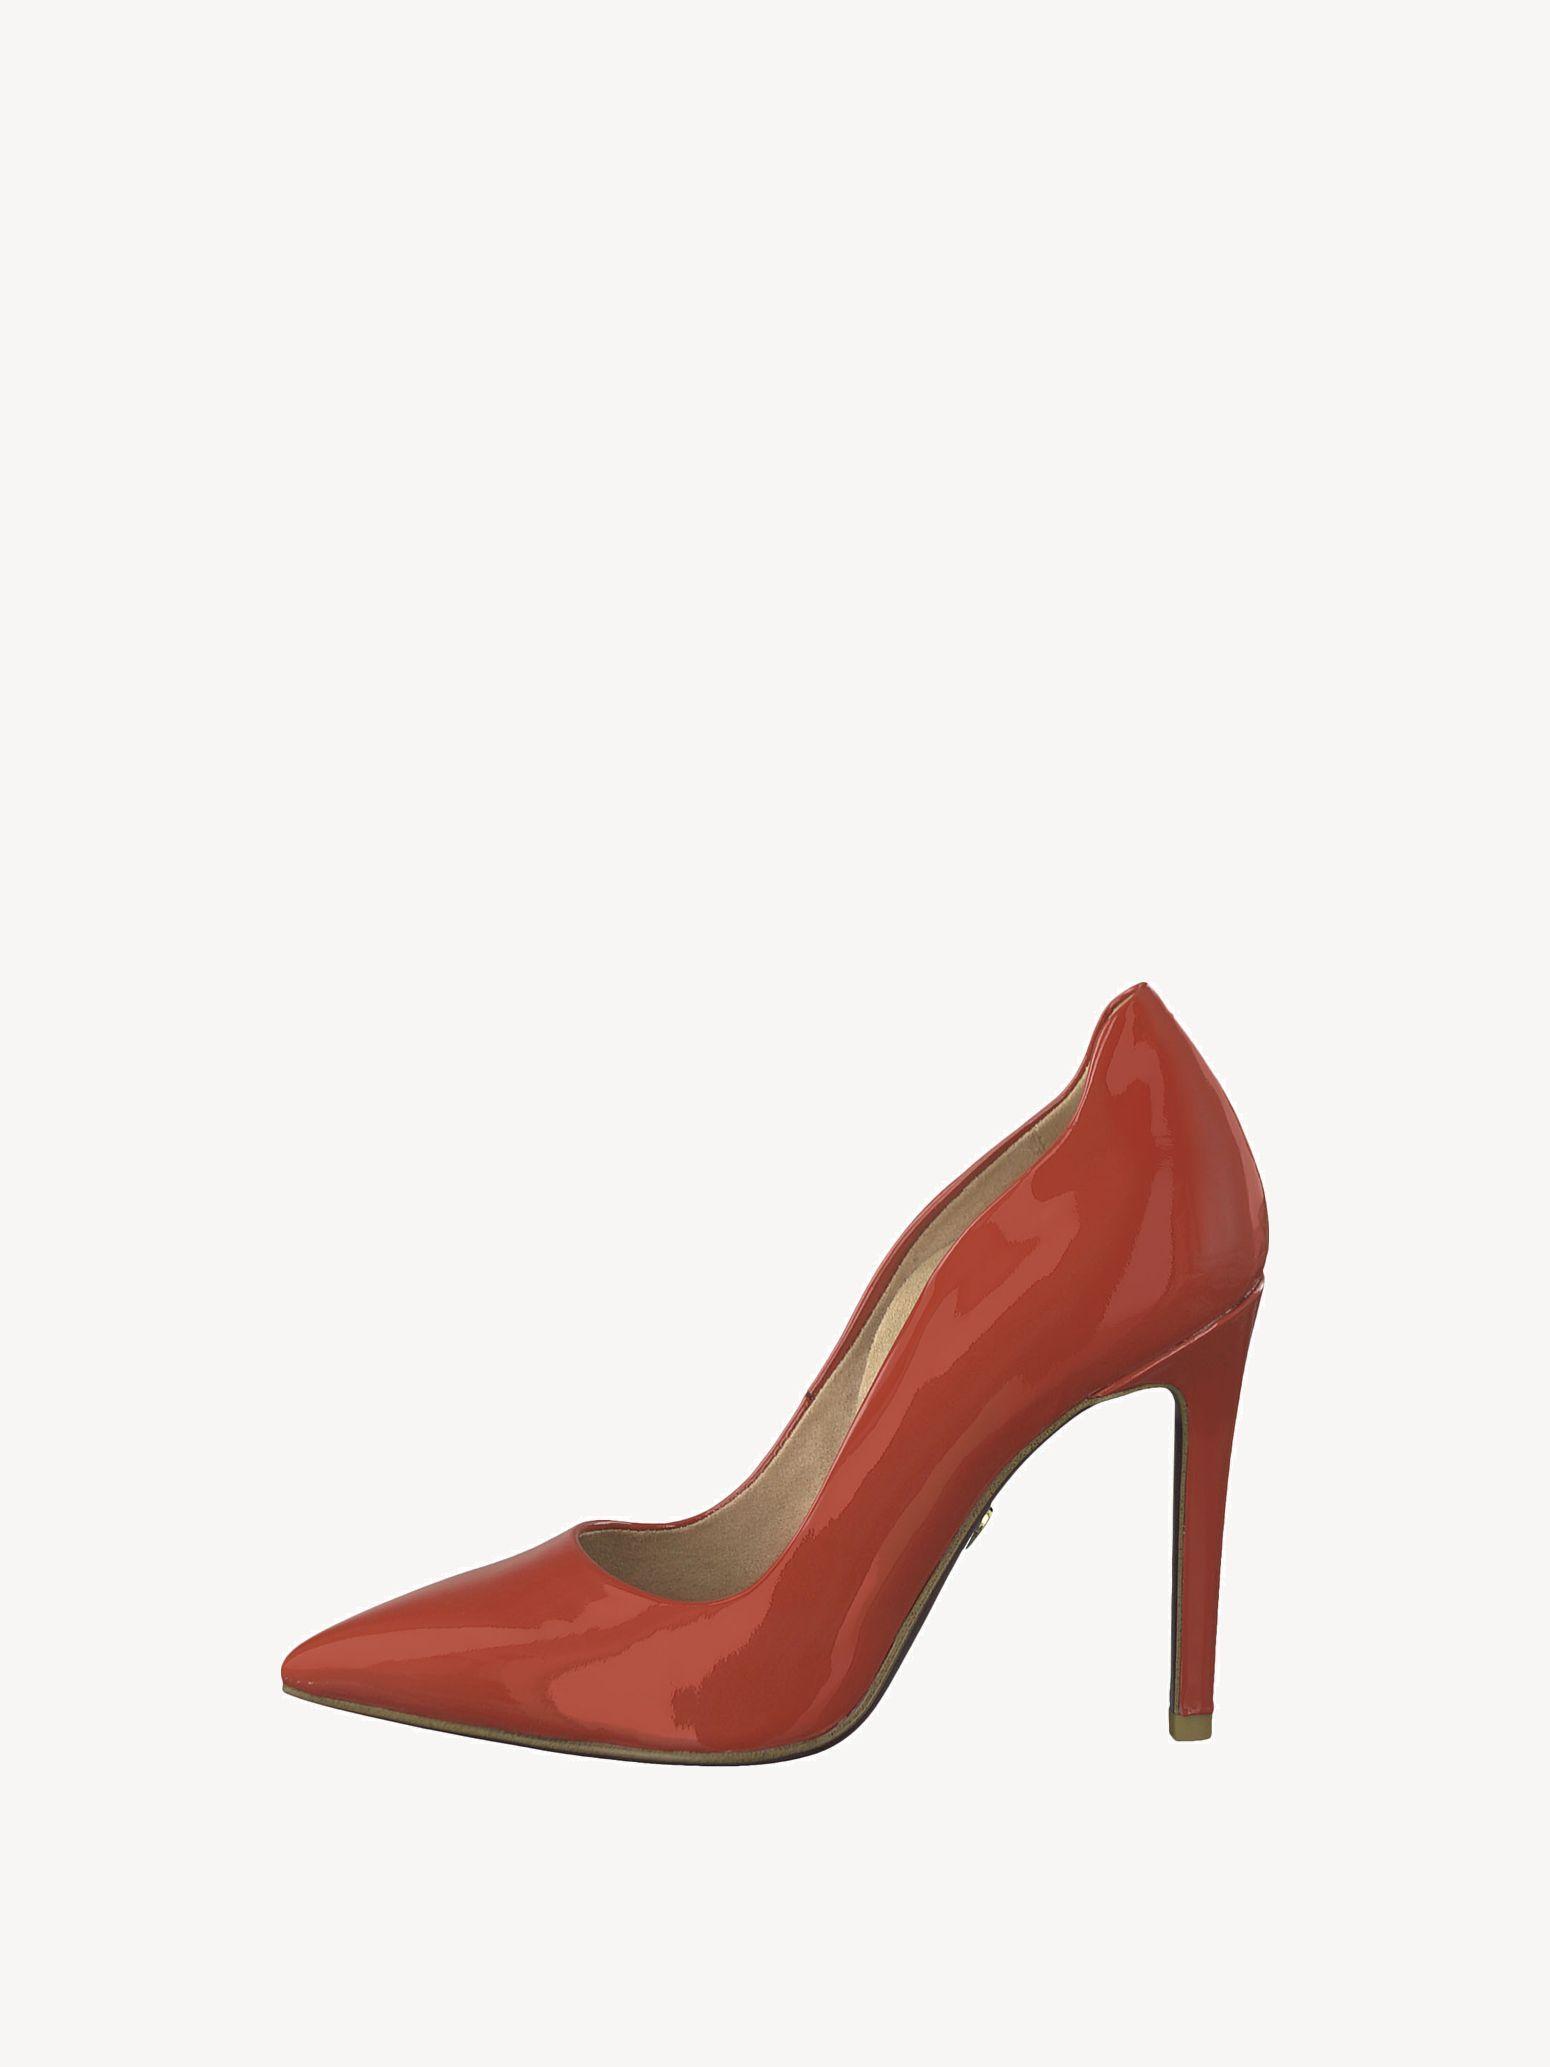 Tamaris 22400 22 Pumps Leder: : Schuhe & Handtaschen